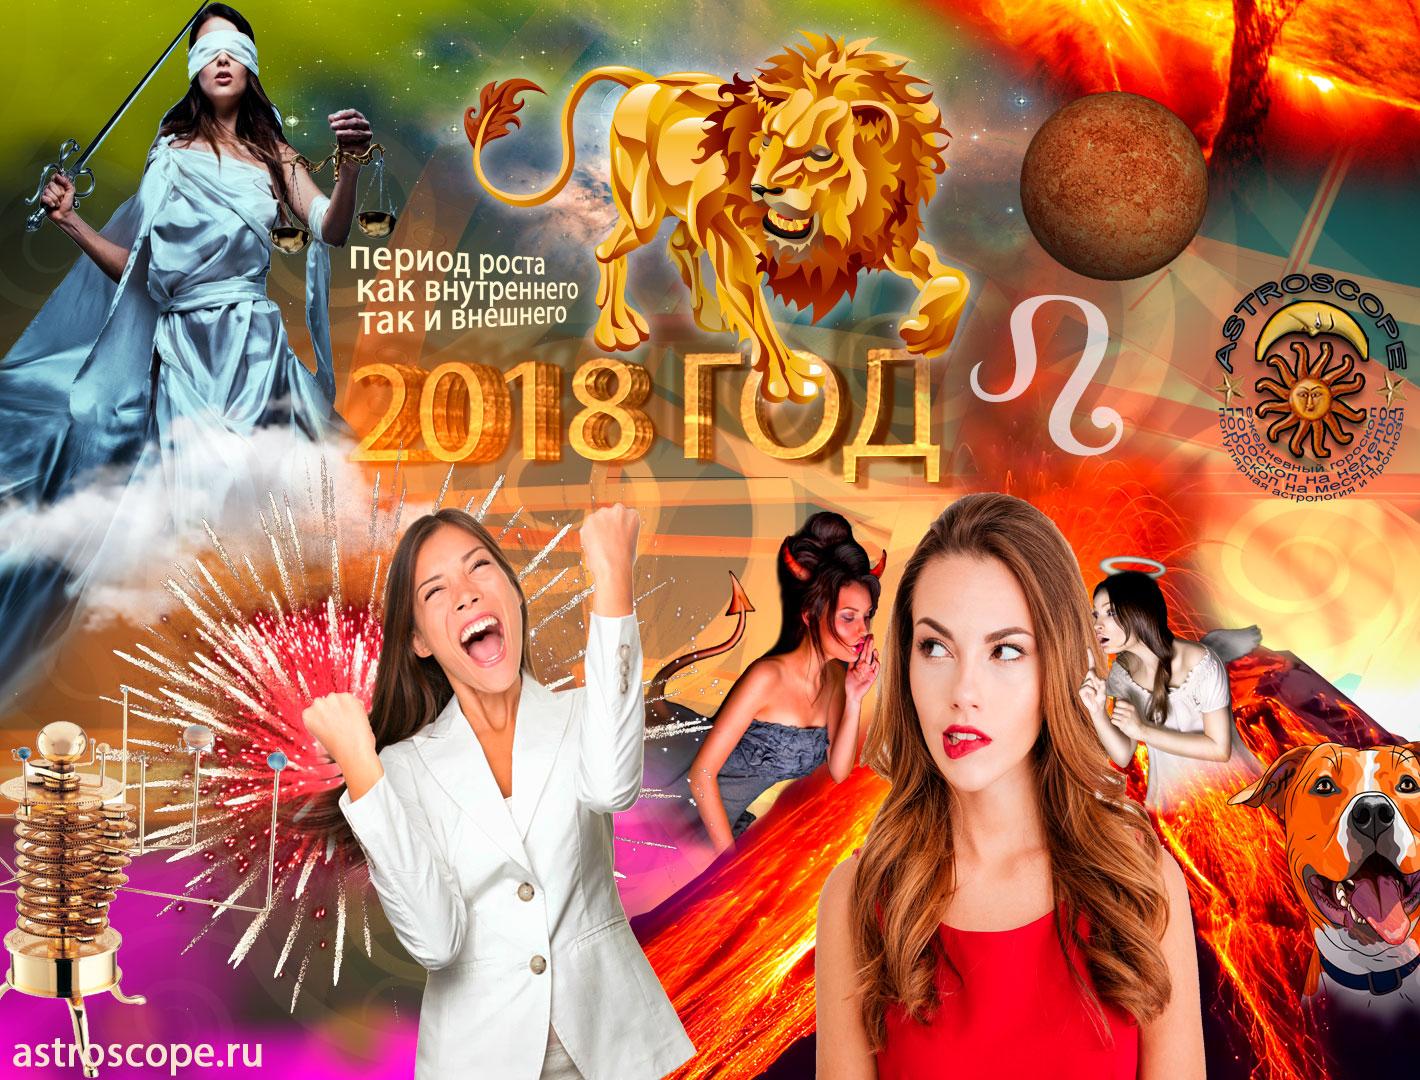 Гороскоп на 2018 Лев, что ждёт Львов в 2018 году